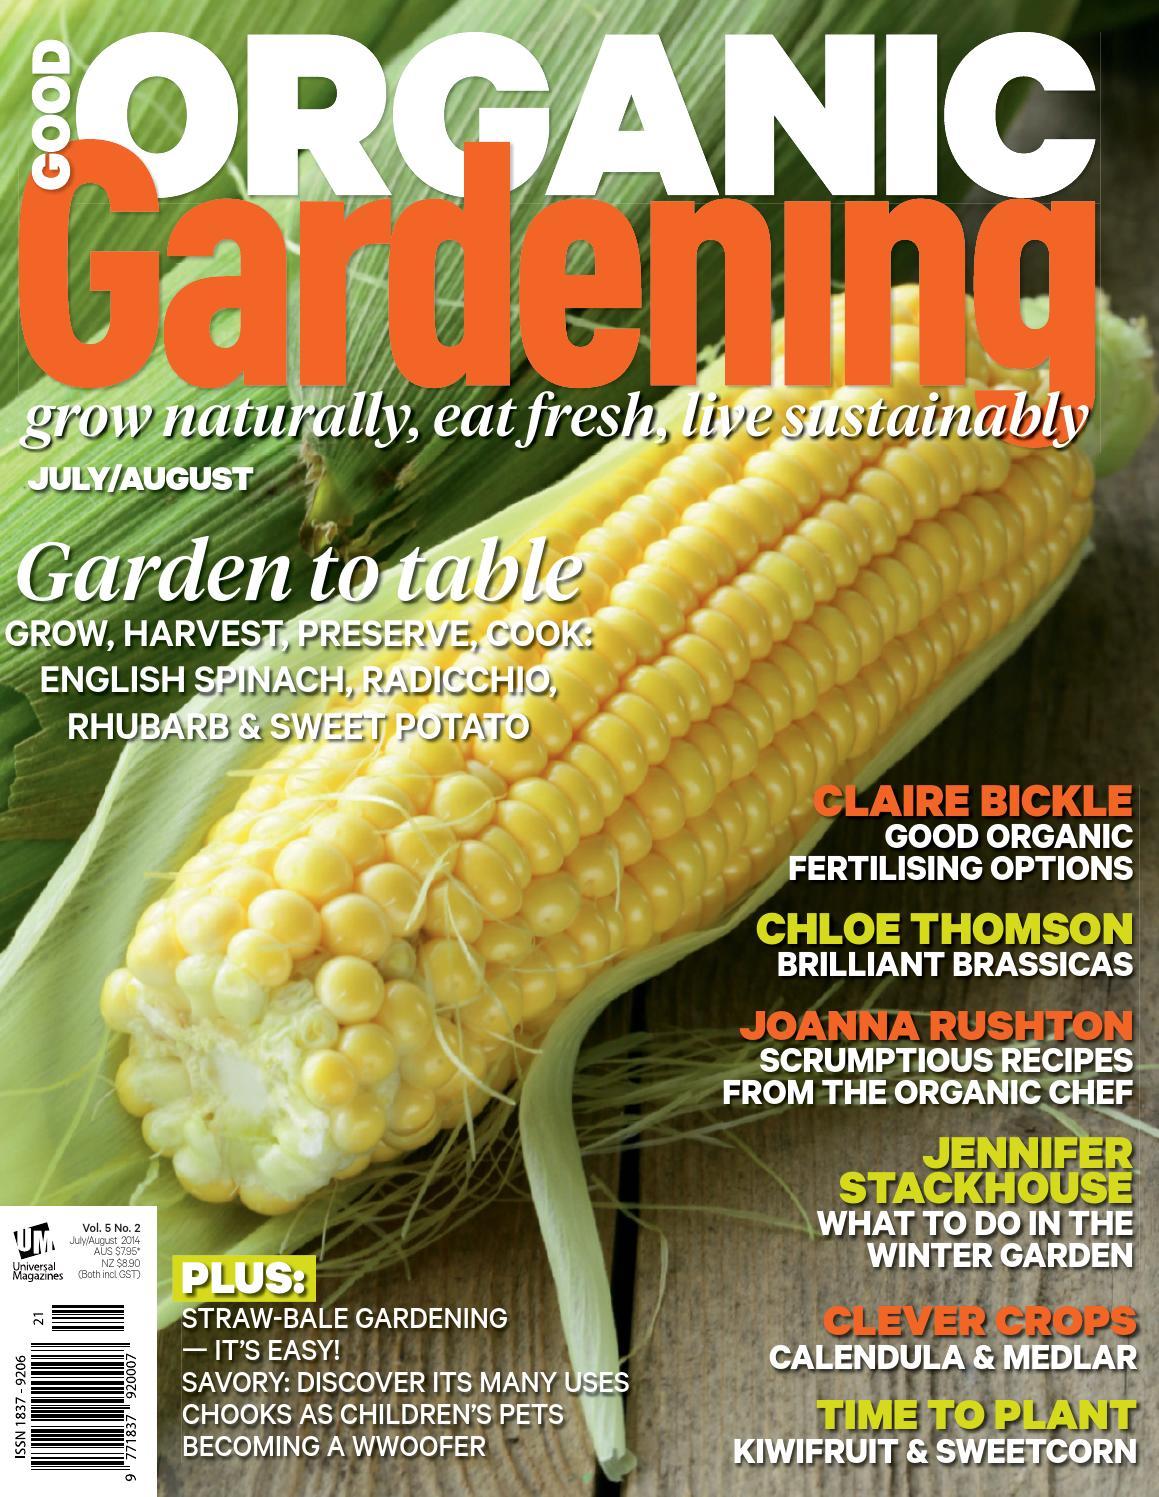 Warrigal Greens//NZ Spinach 50 Seeds Edible /& Good Groundcover Salt Tolerant Bush